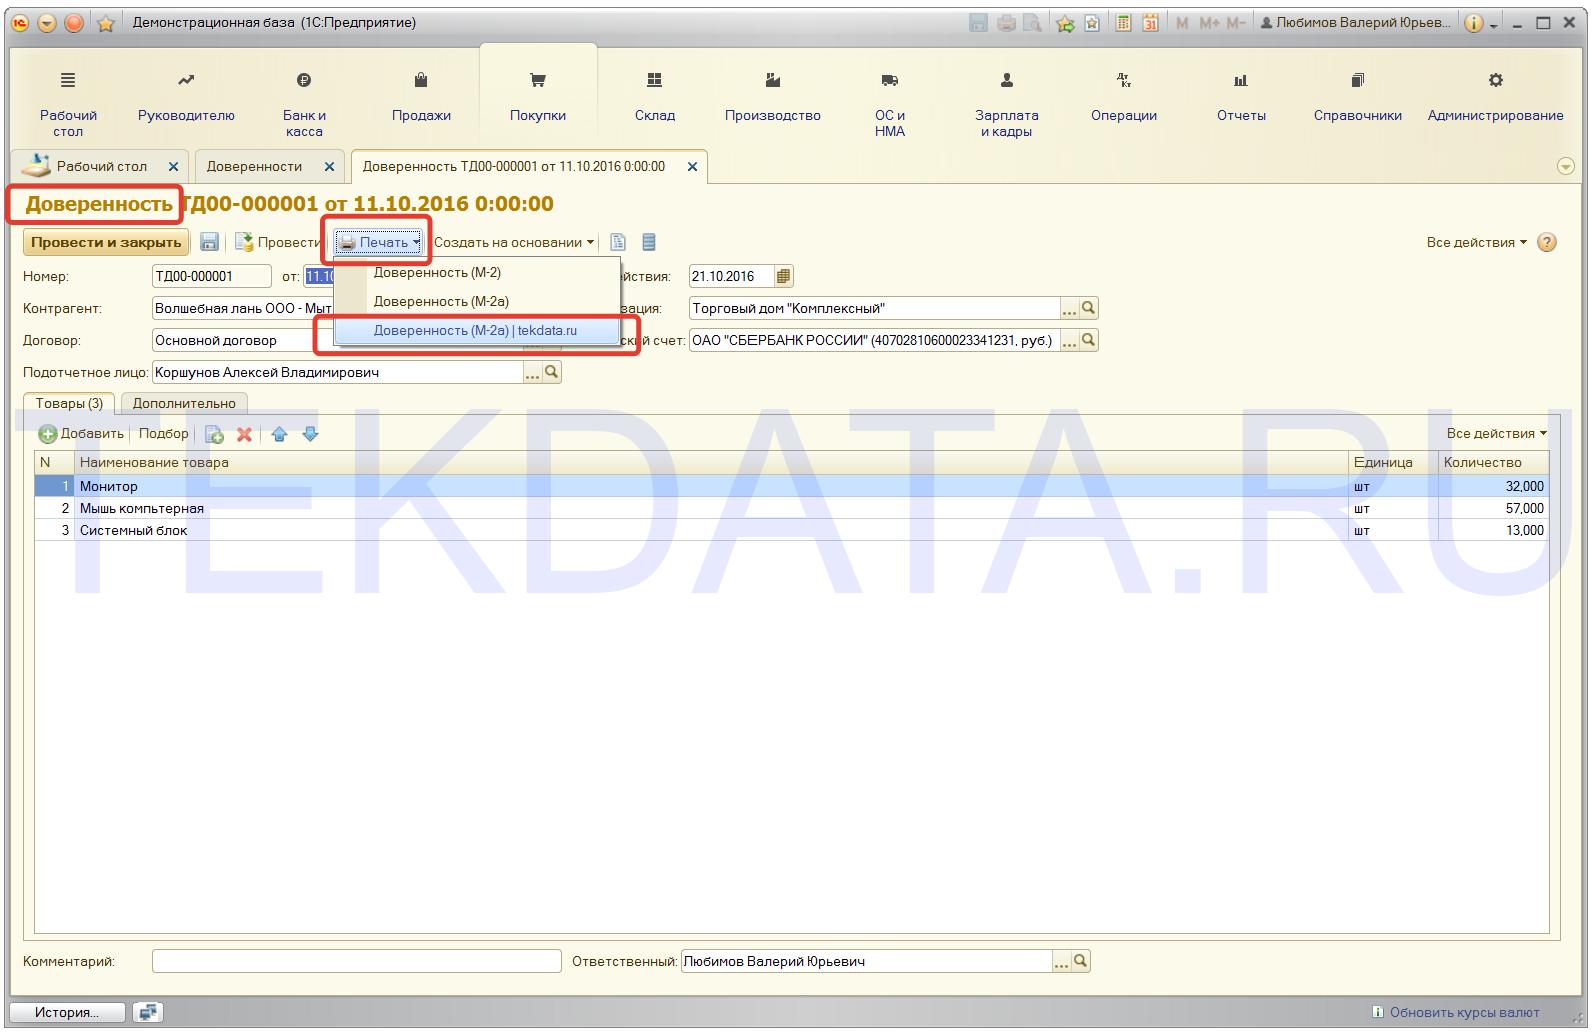 Доверенность М-2а в 1С Бухгалтерия 3.0 (рис.1) | tekdata.ru